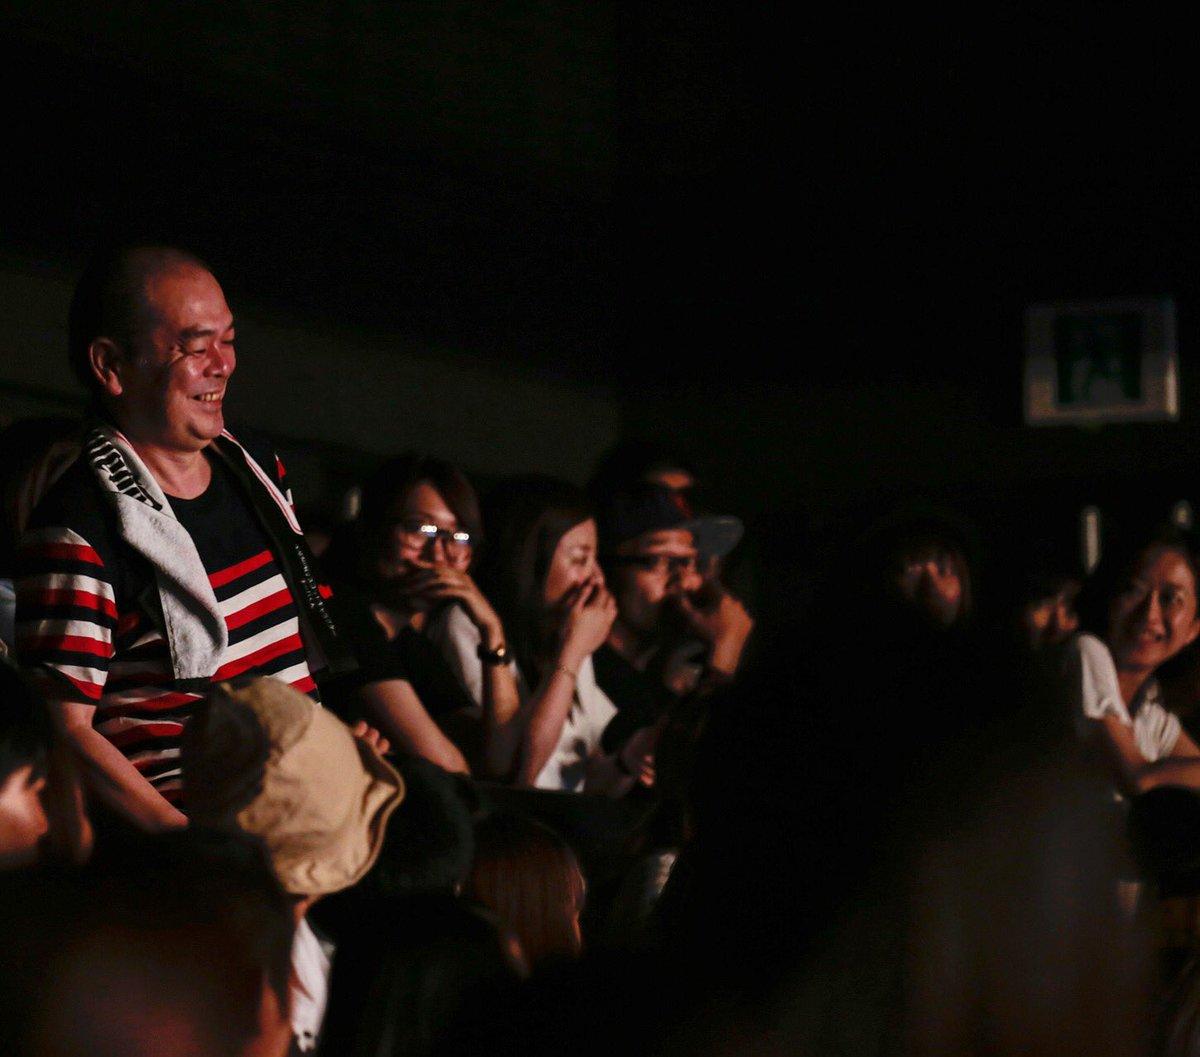 MC中にいじられて喜ぶ左迅のおやじ。  公演終了後のファンお見送り会にて、あまりの疲労で倒れる弐。それを助けるマネージャー。笑  お疲れ様でしたの集合写真。 https://t.co/XBmEmwa4Dp